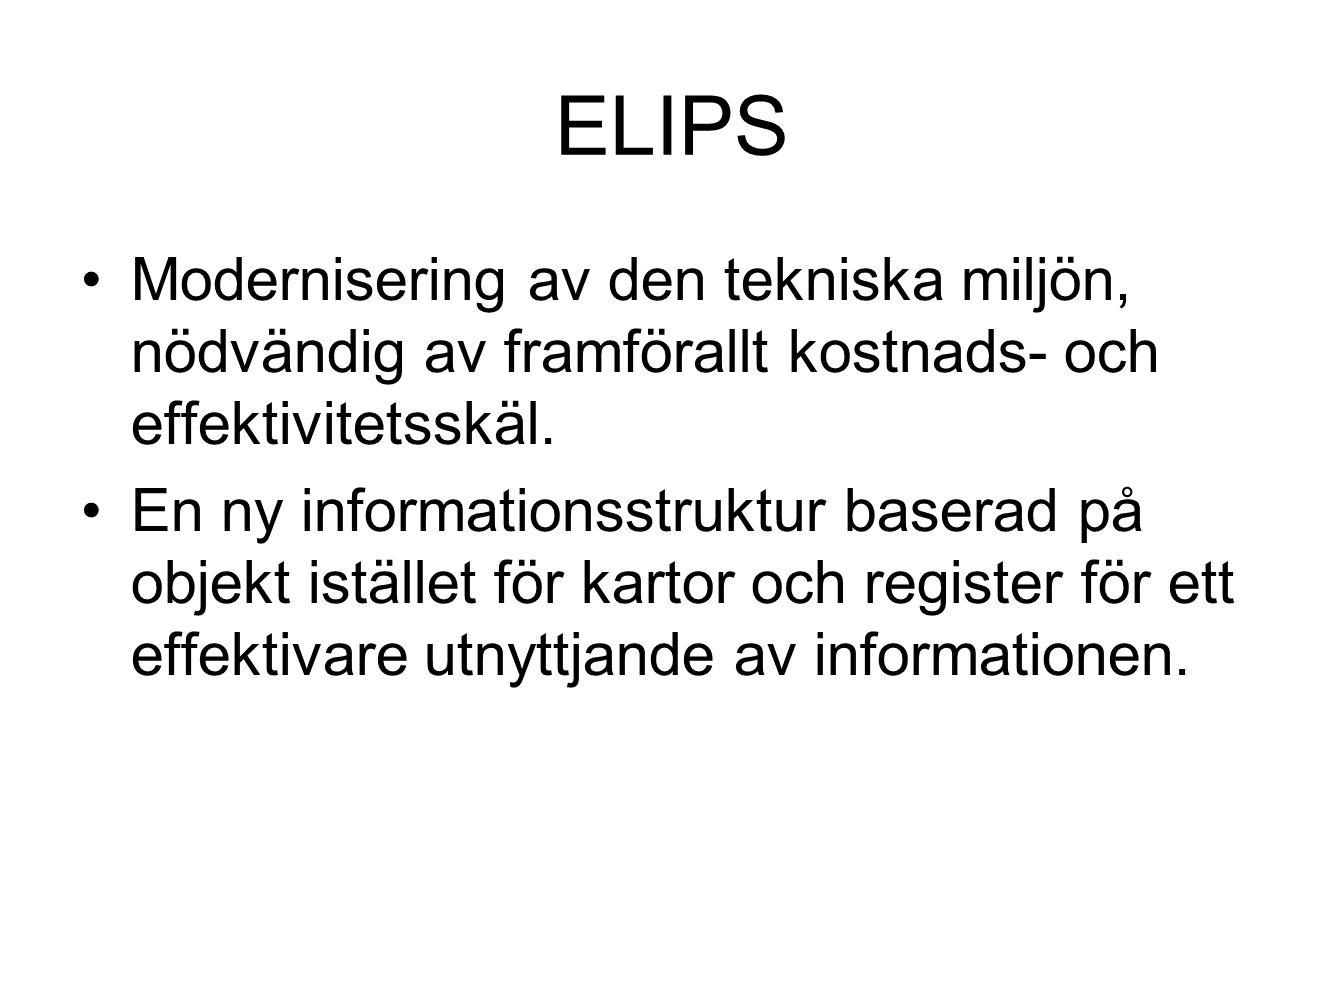 ELIPS Modernisering av den tekniska miljön, nödvändig av framförallt kostnads- och effektivitetsskäl. En ny informationsstruktur baserad på objekt ist